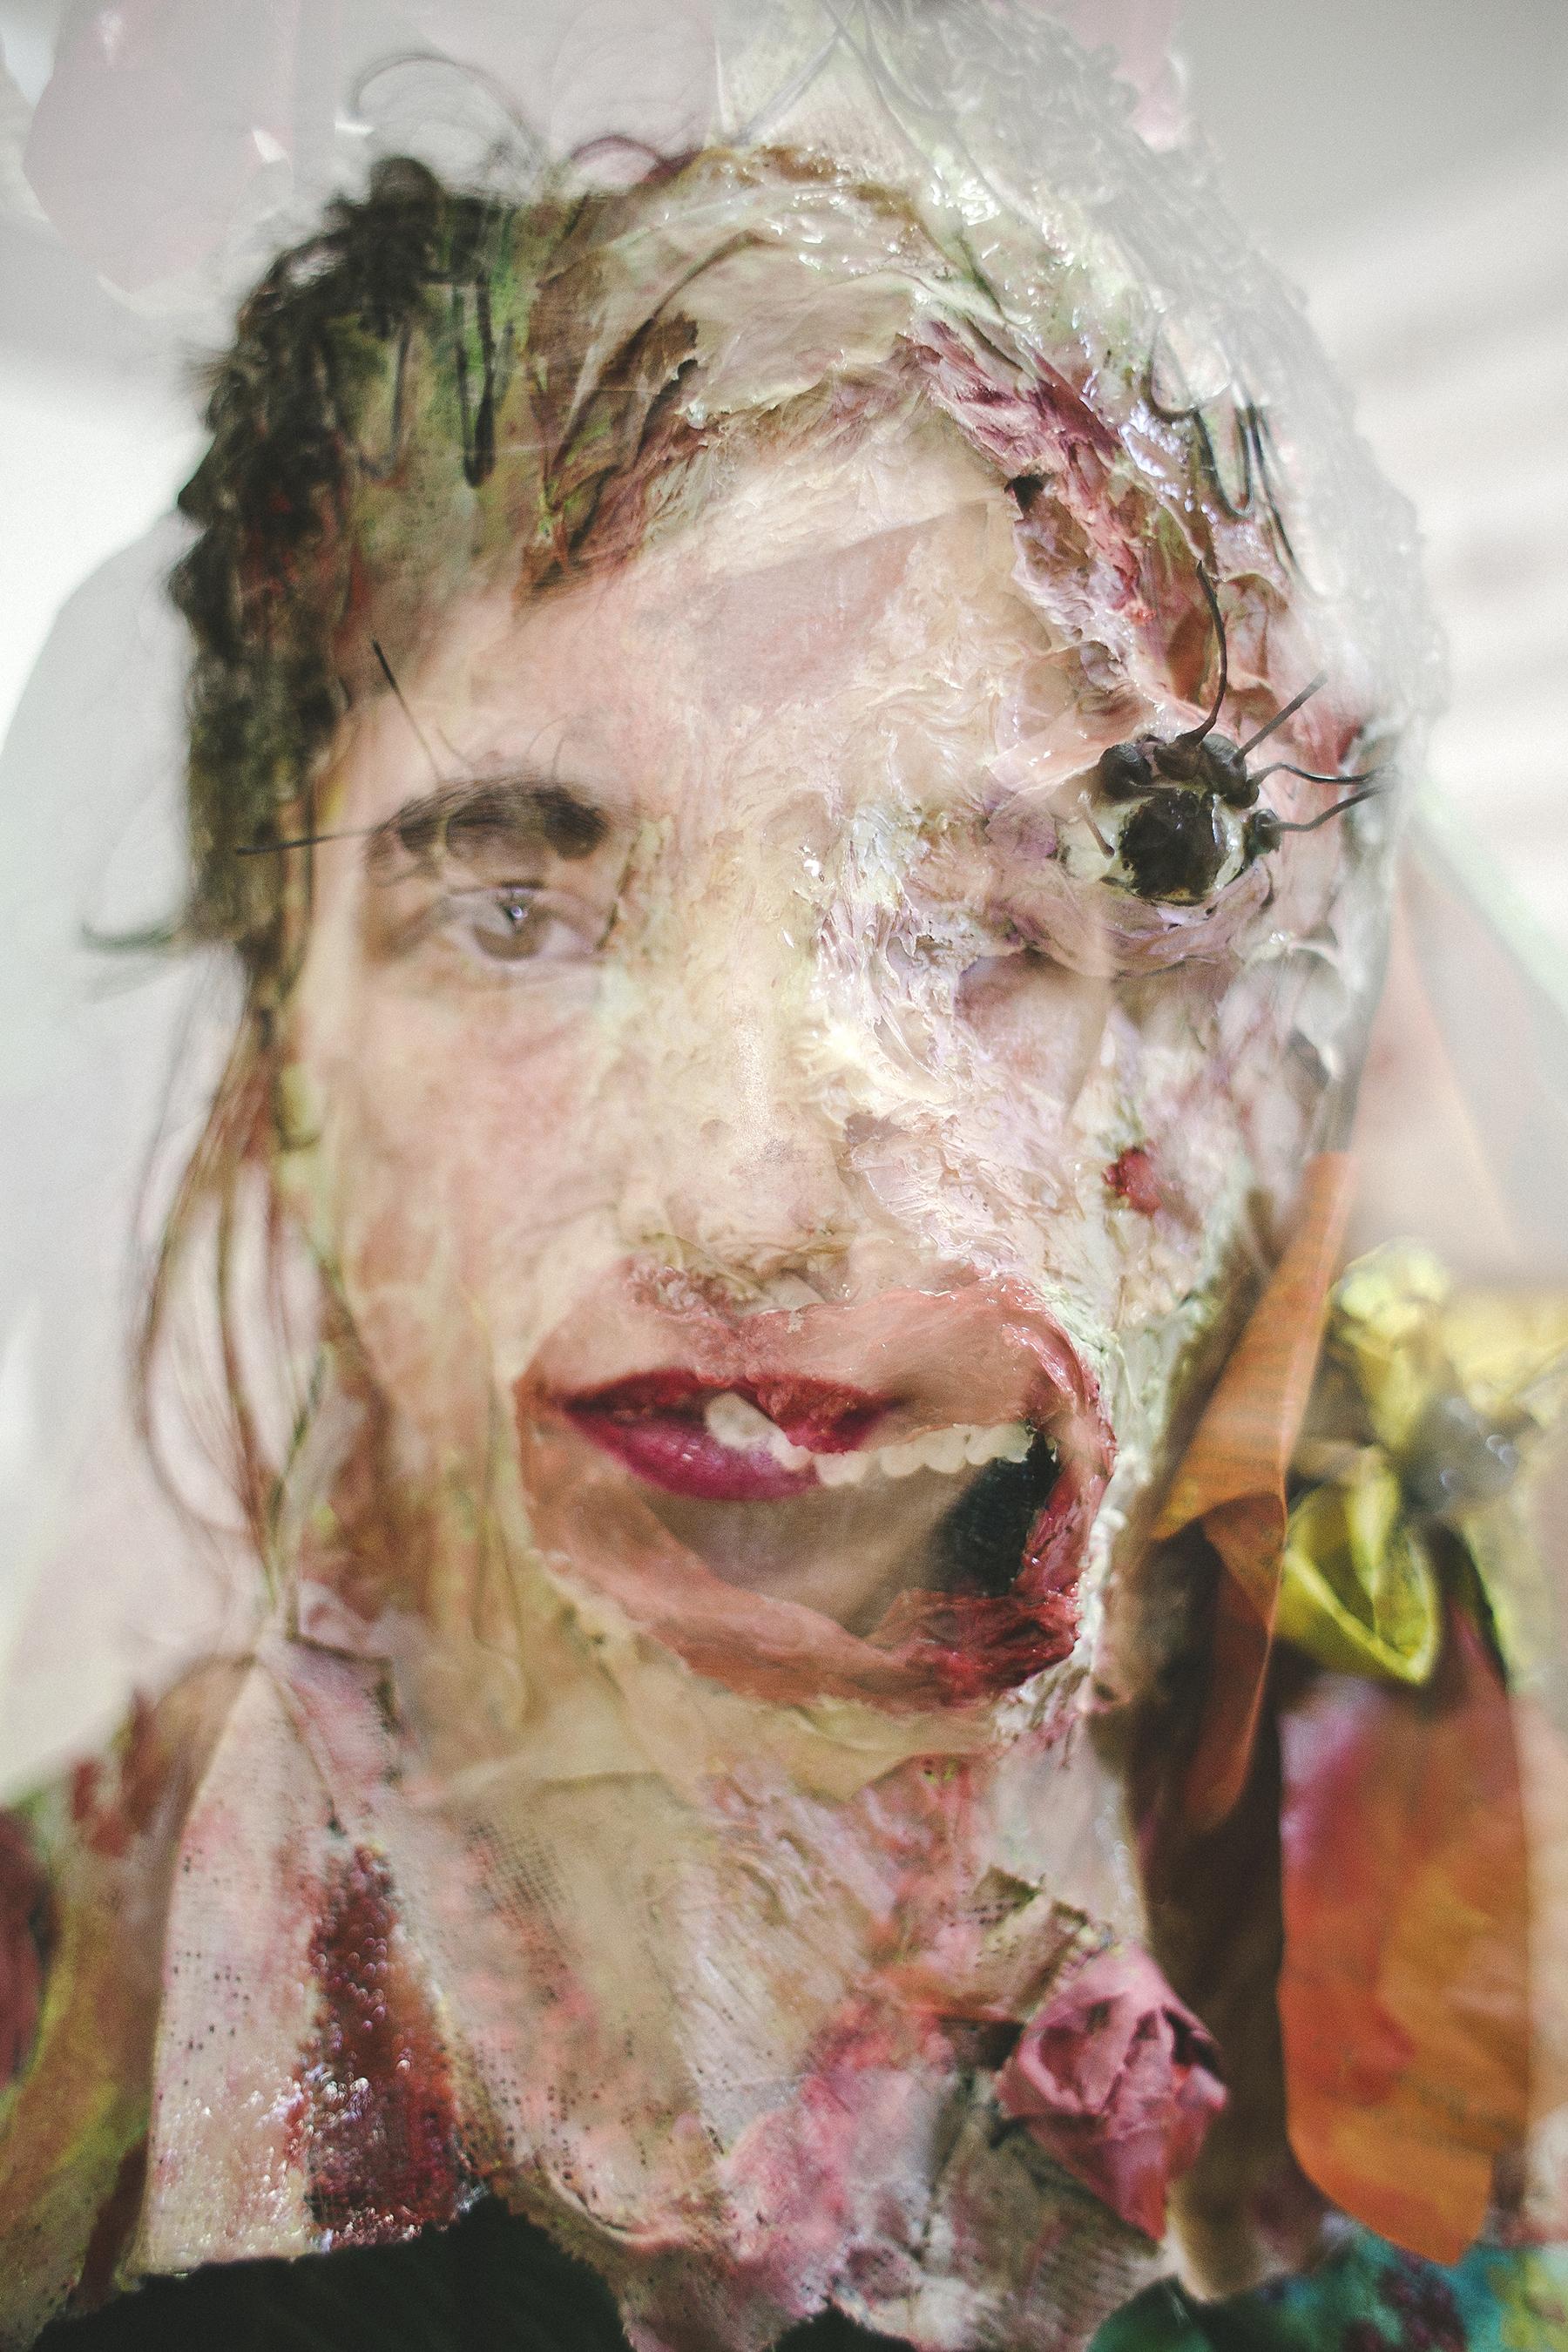 A portrait in collage of artist Estefania Puerta.